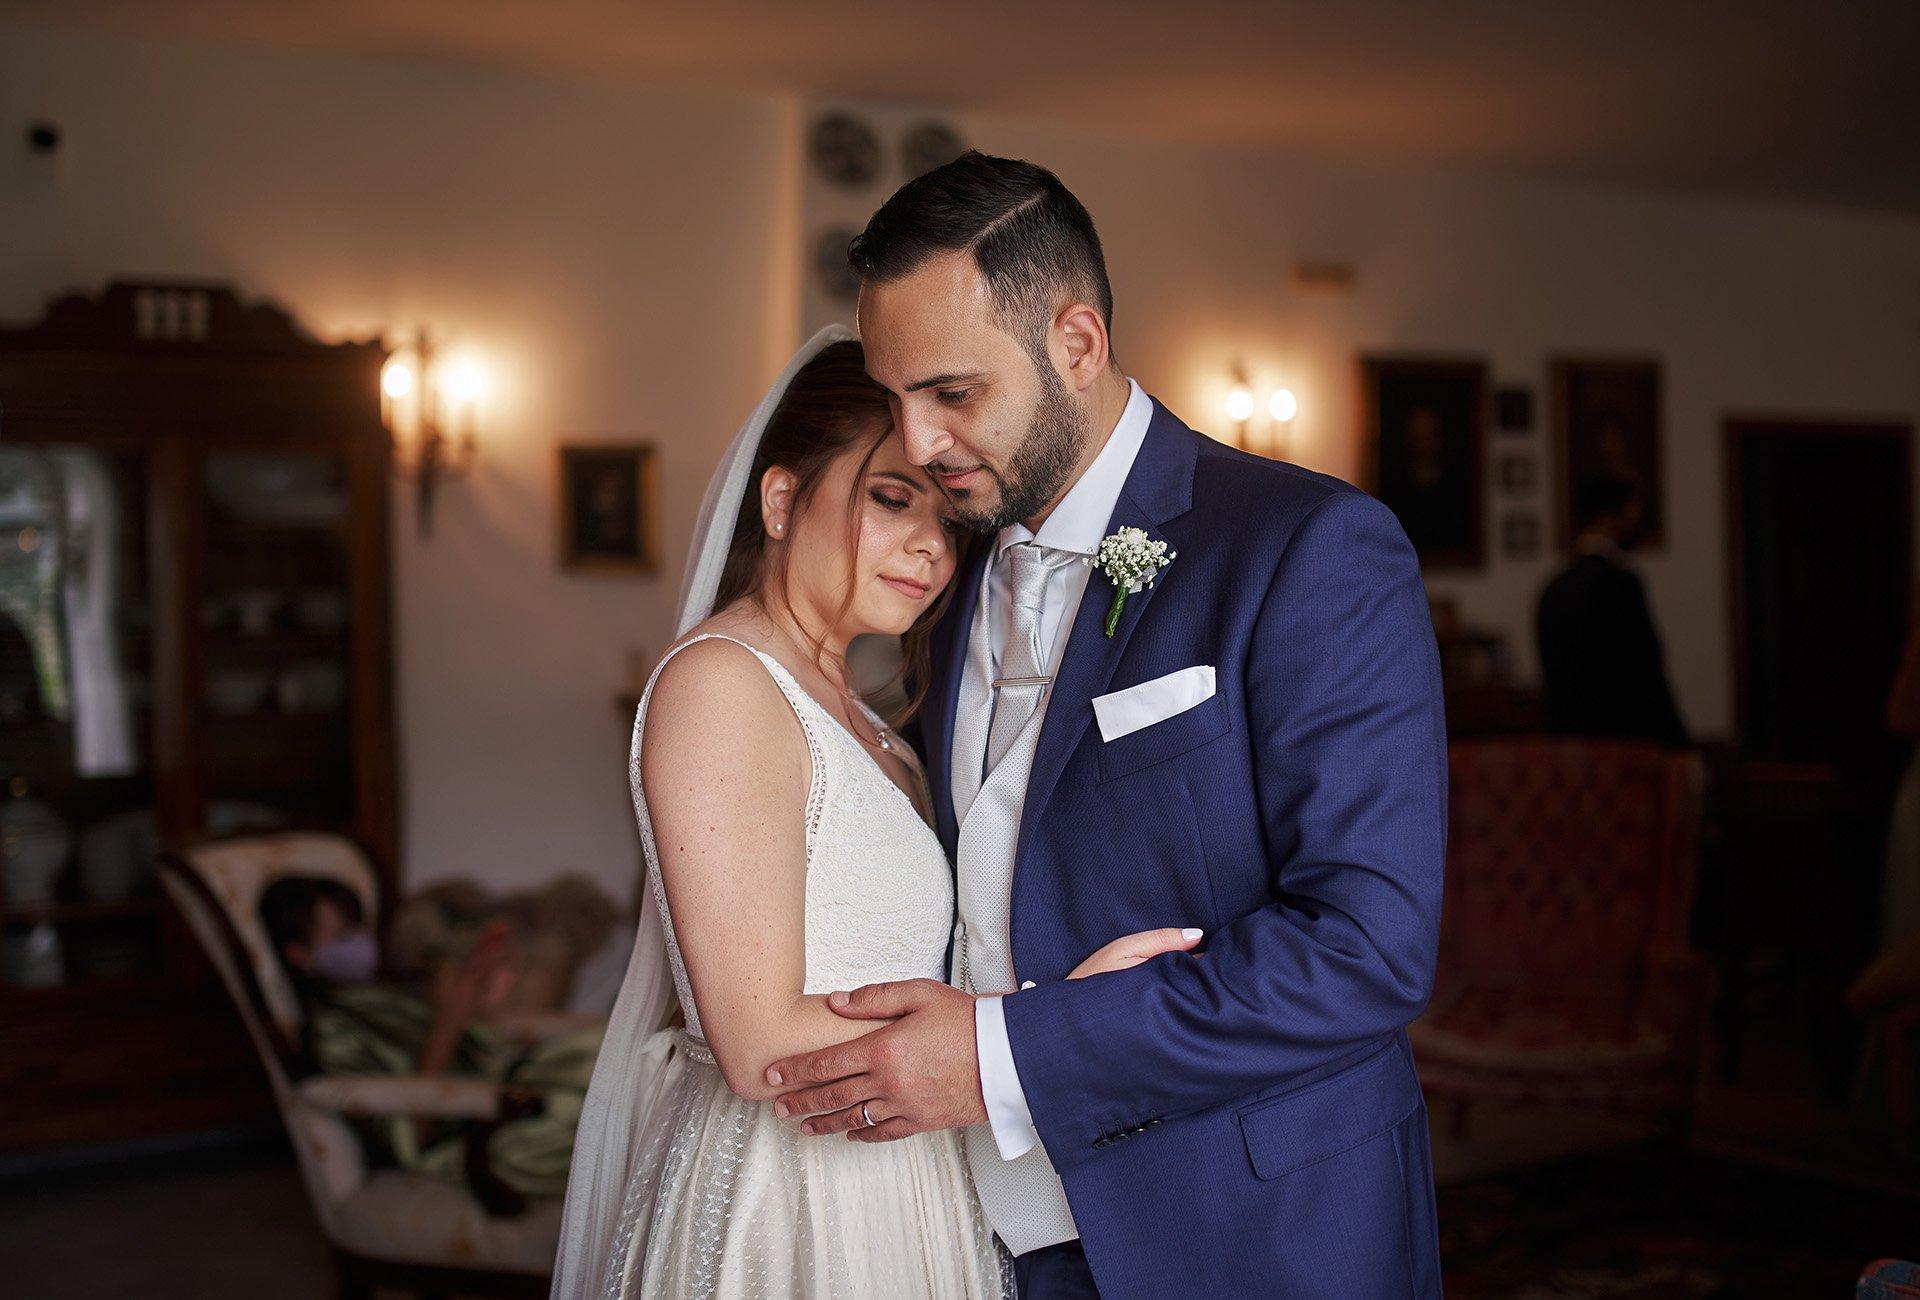 fotografo matrimonio battipaglia 6